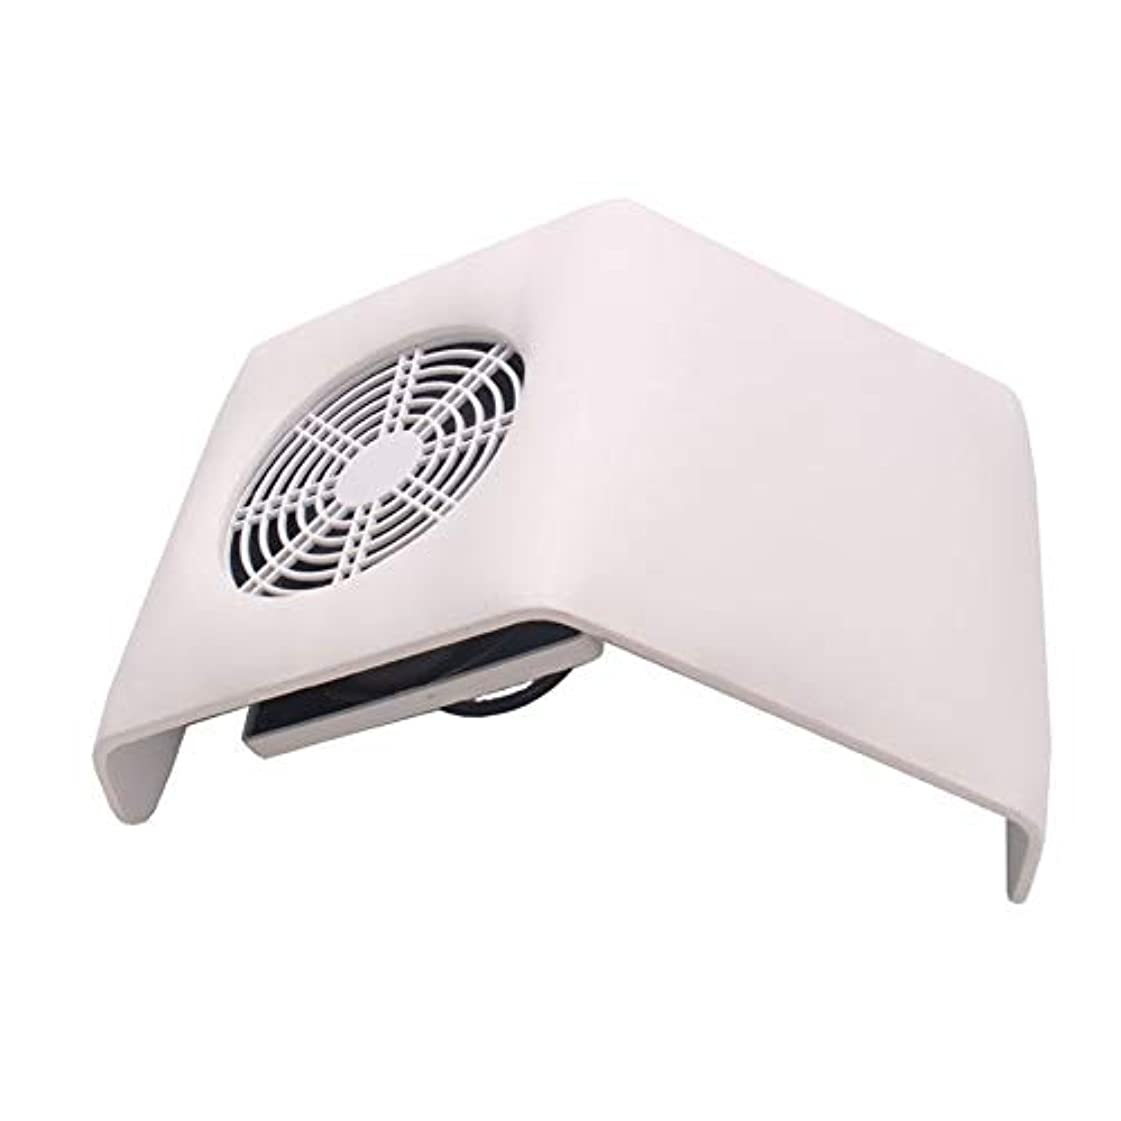 放置出発する酸集塵機吸引ファン、2つの集塵袋付きネイル掃除機バッグネイルアートマニキュアサロンツールの収集マニキュアの工作機械ダストネイル (Color : White)